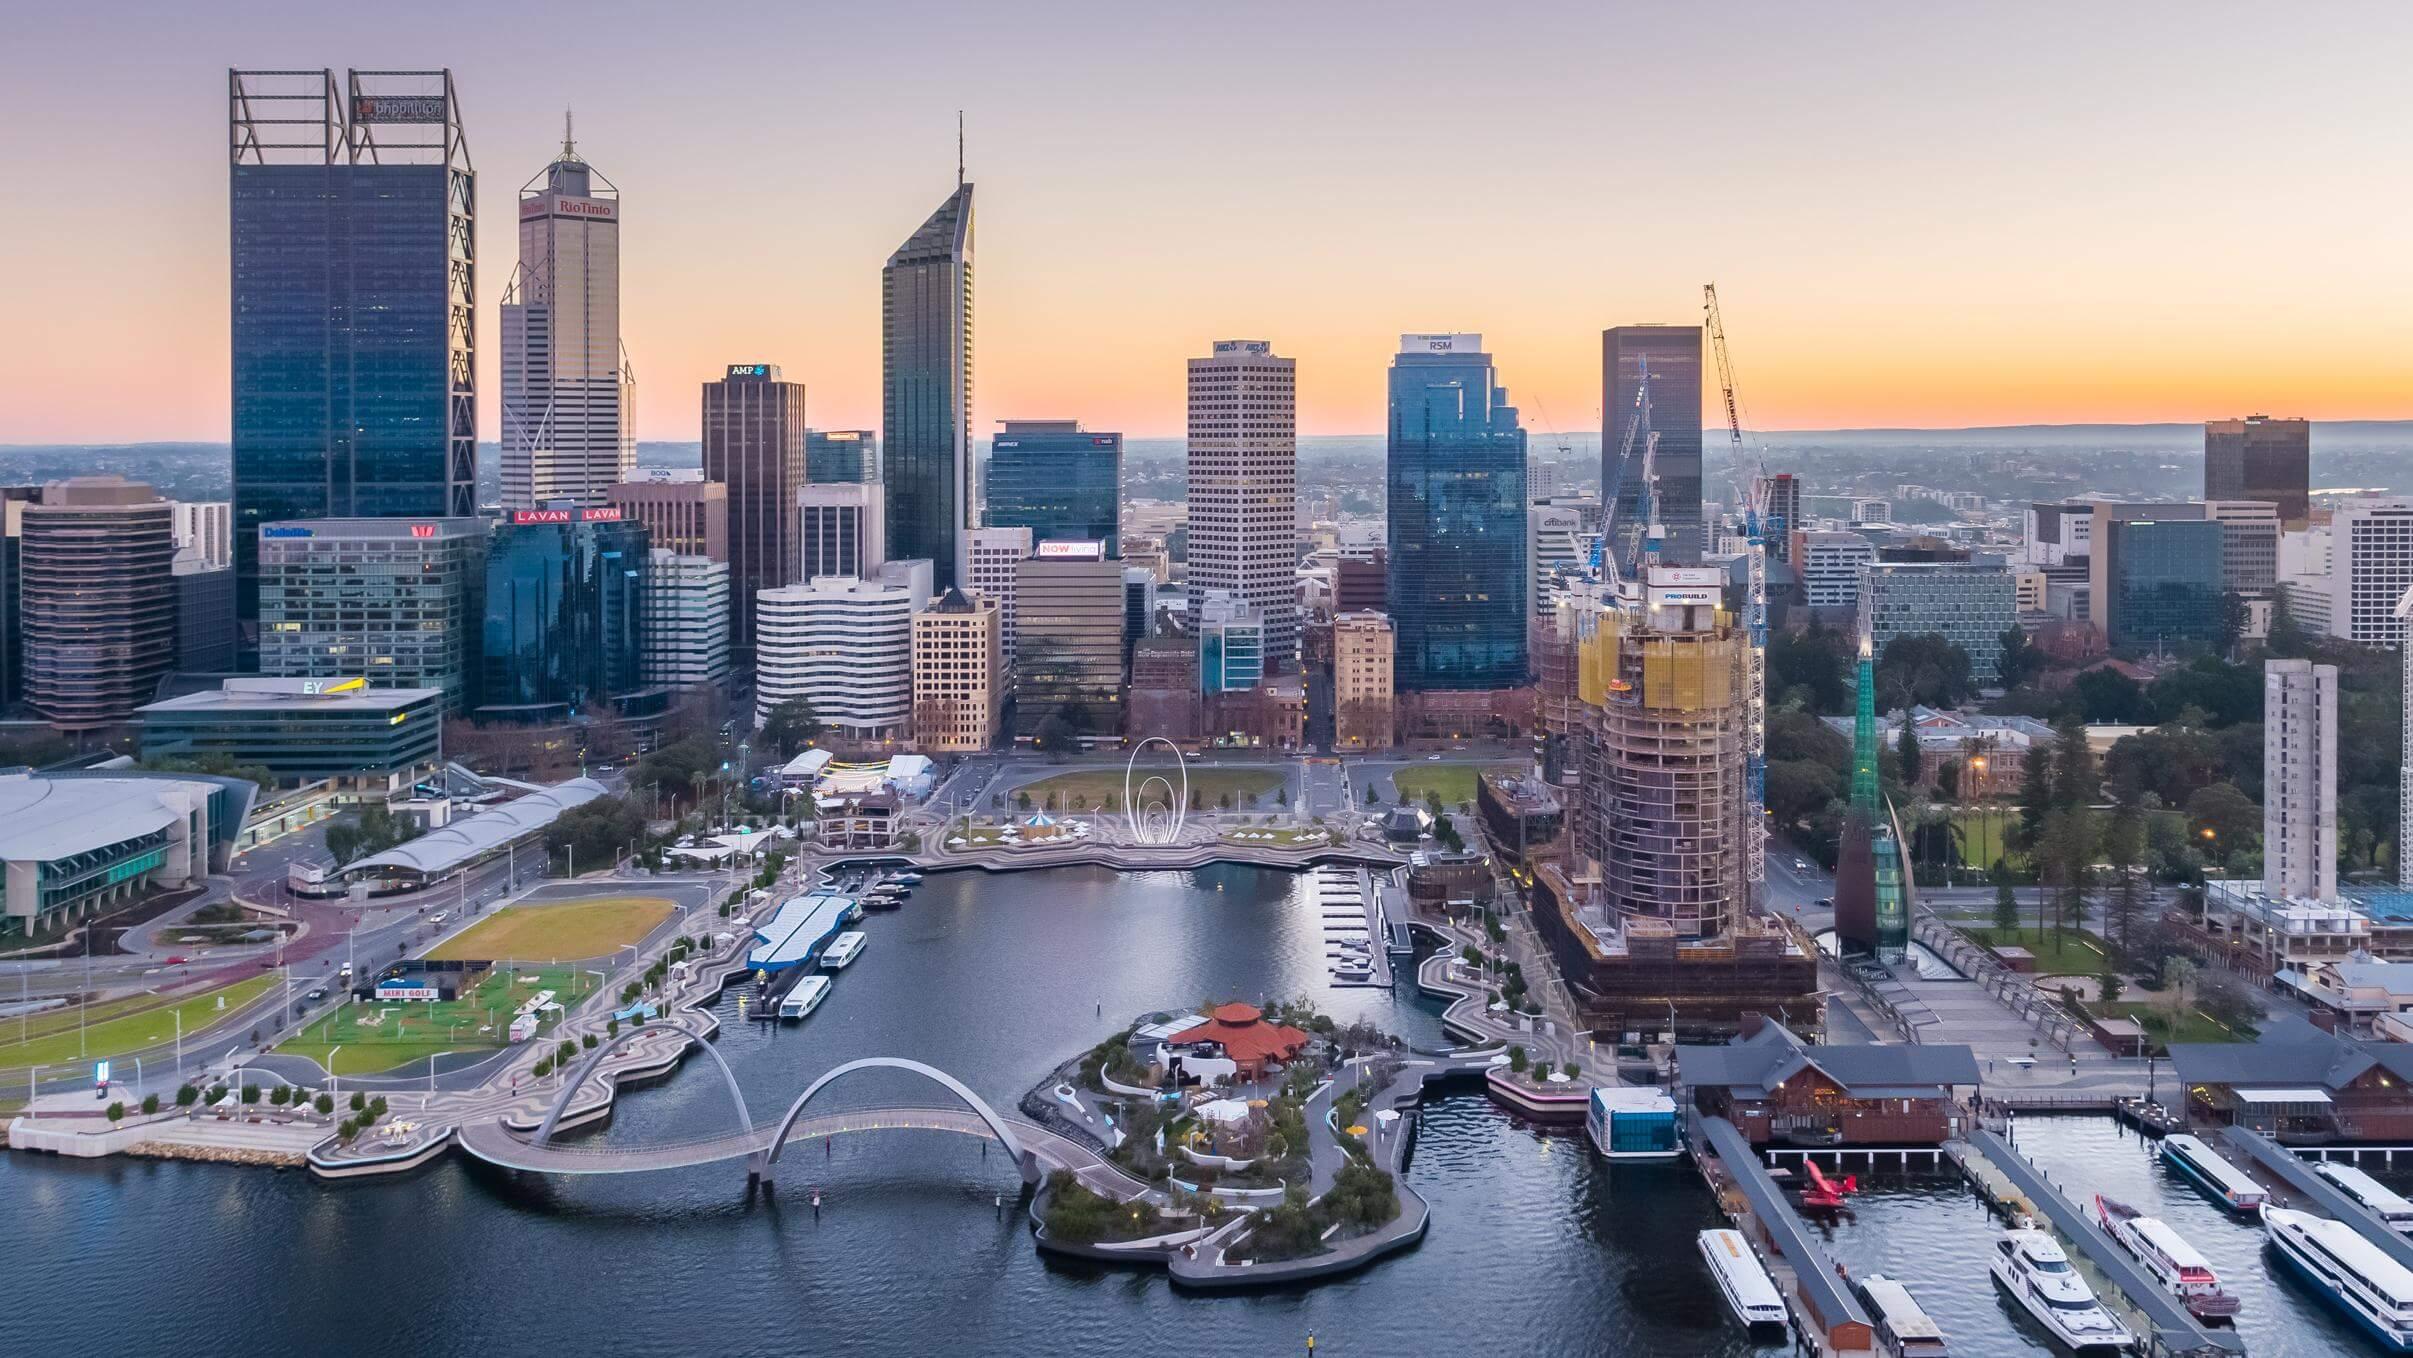 Austrália: as melhores cidades para estudar além de Sydney